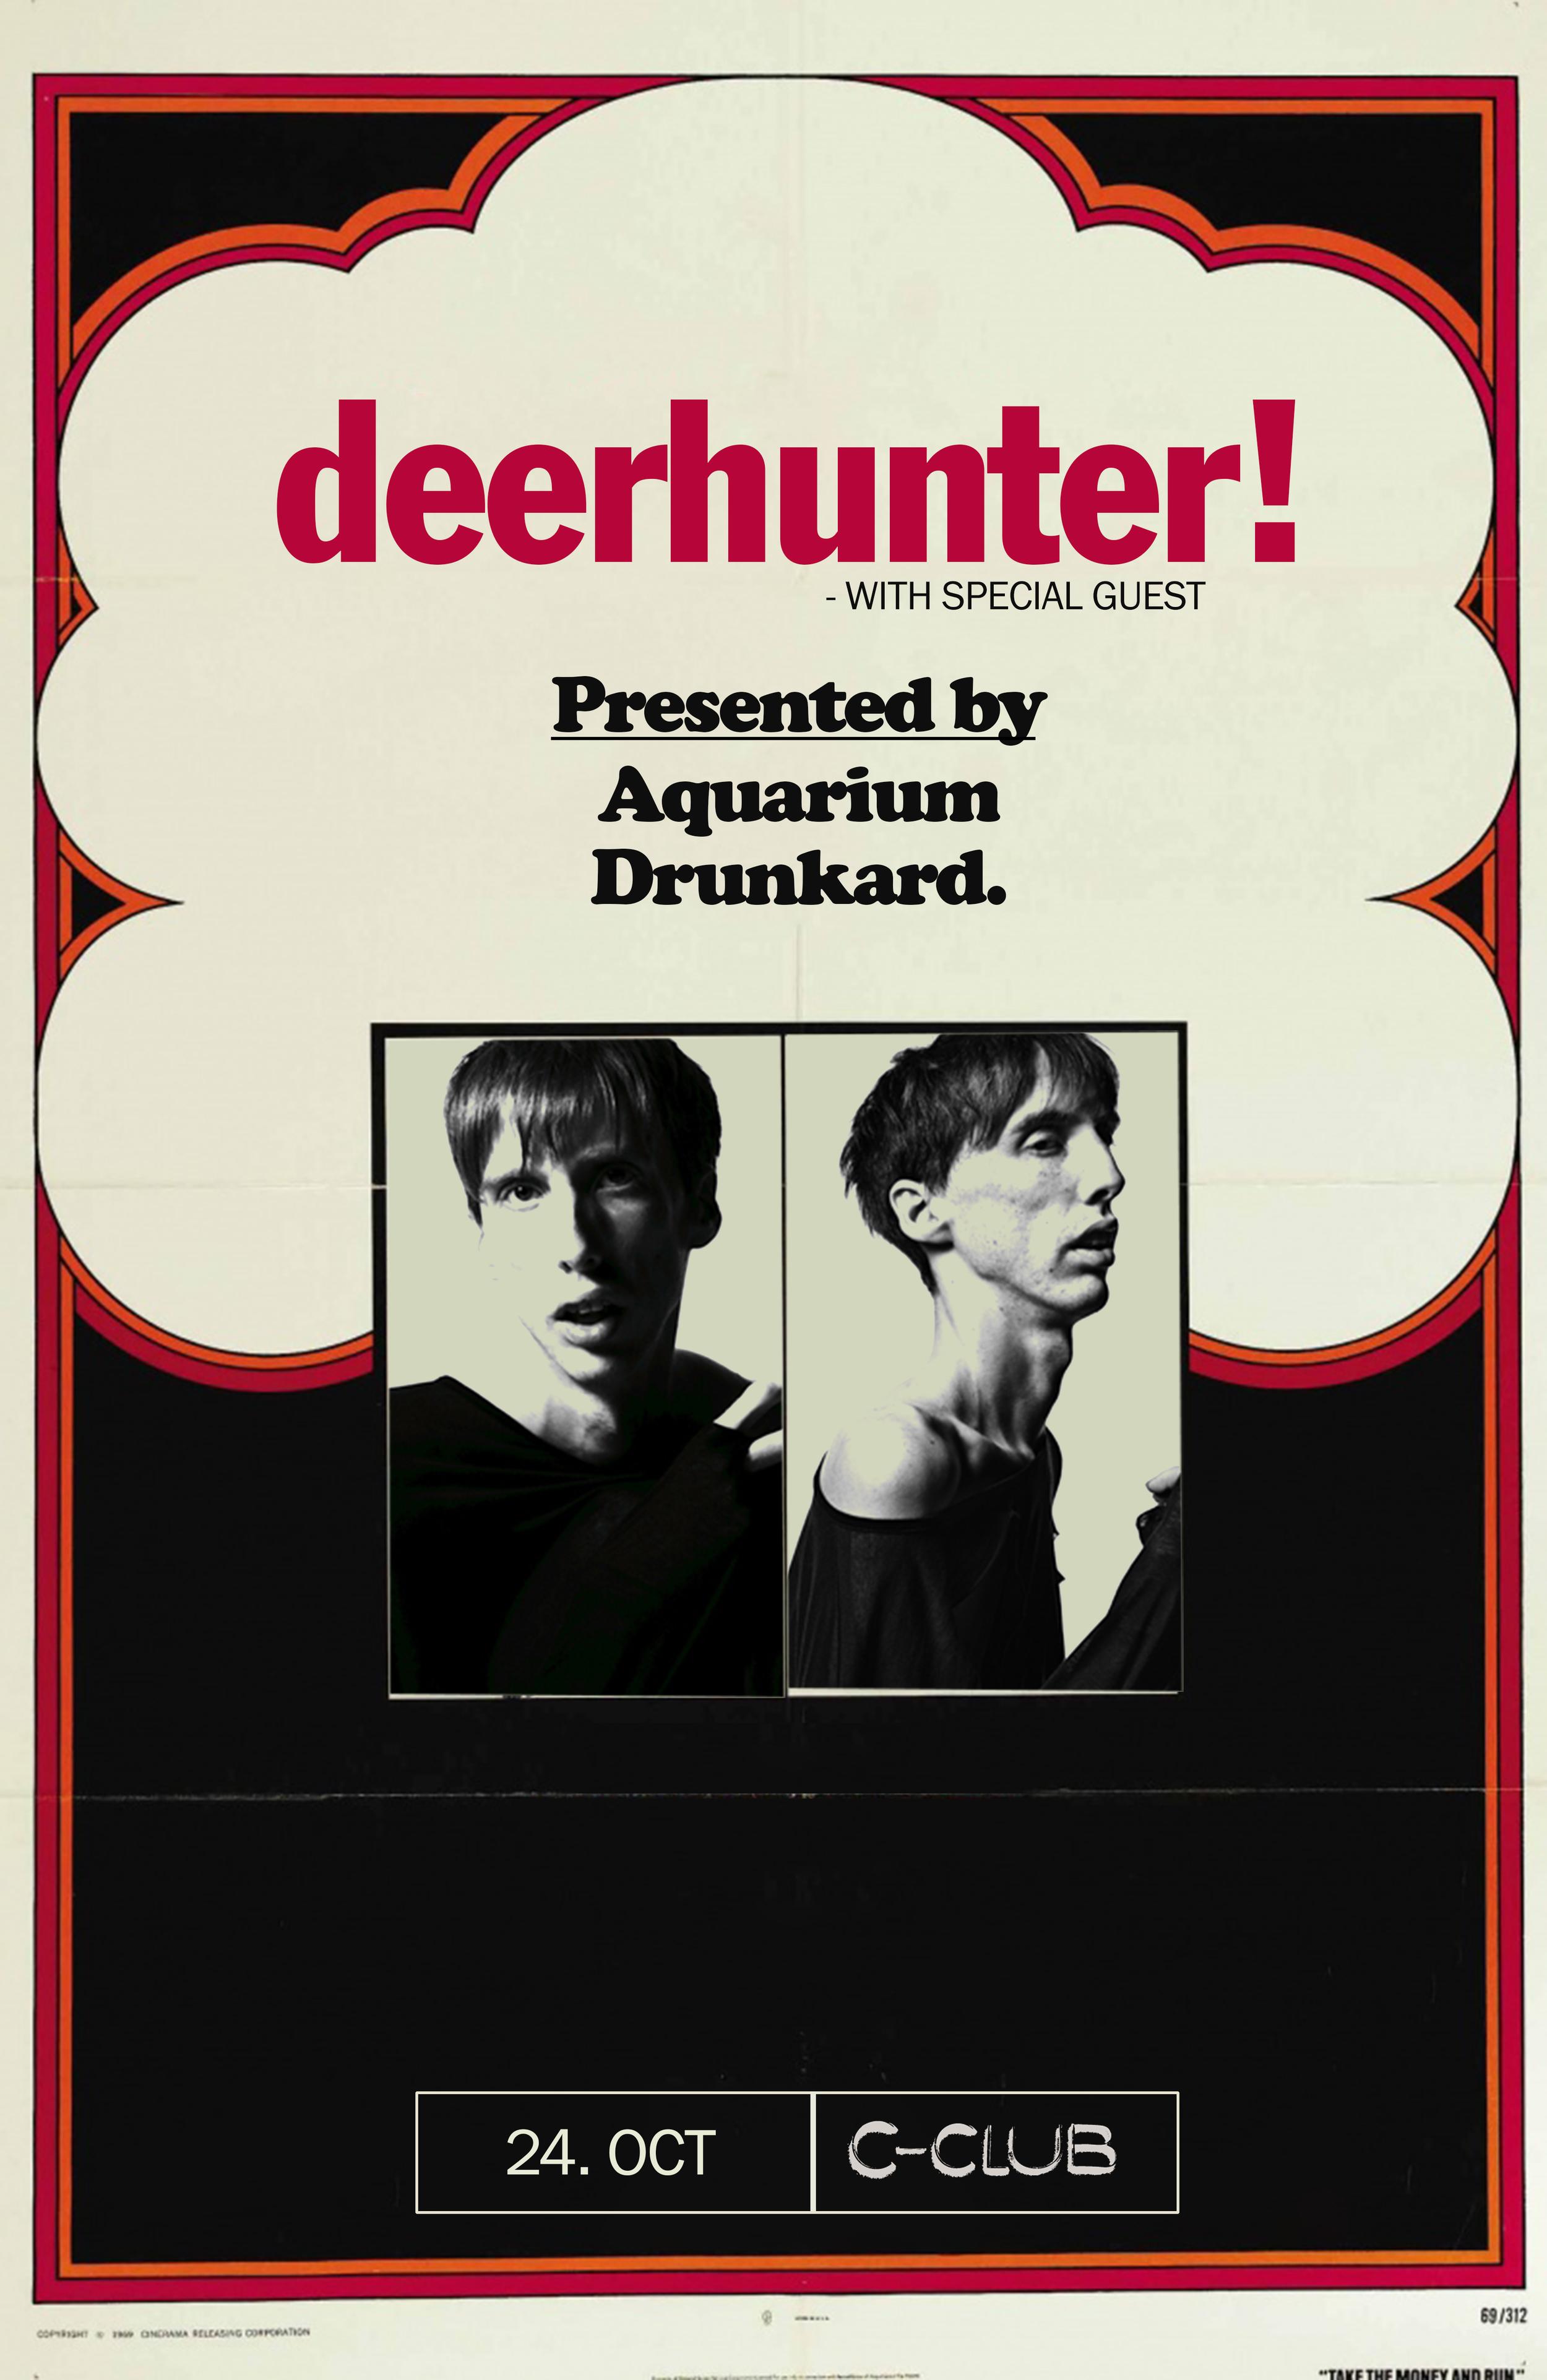 deerhunter-2.jpg